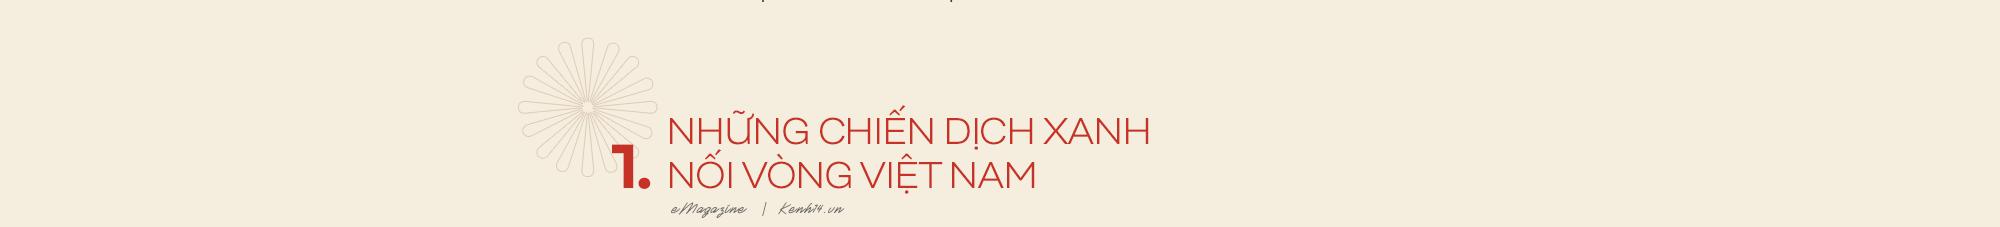 """Người Việt trẻ đang nỗ lực giải cứu môi trường thời """"hậu dịch"""" - Ảnh 2."""